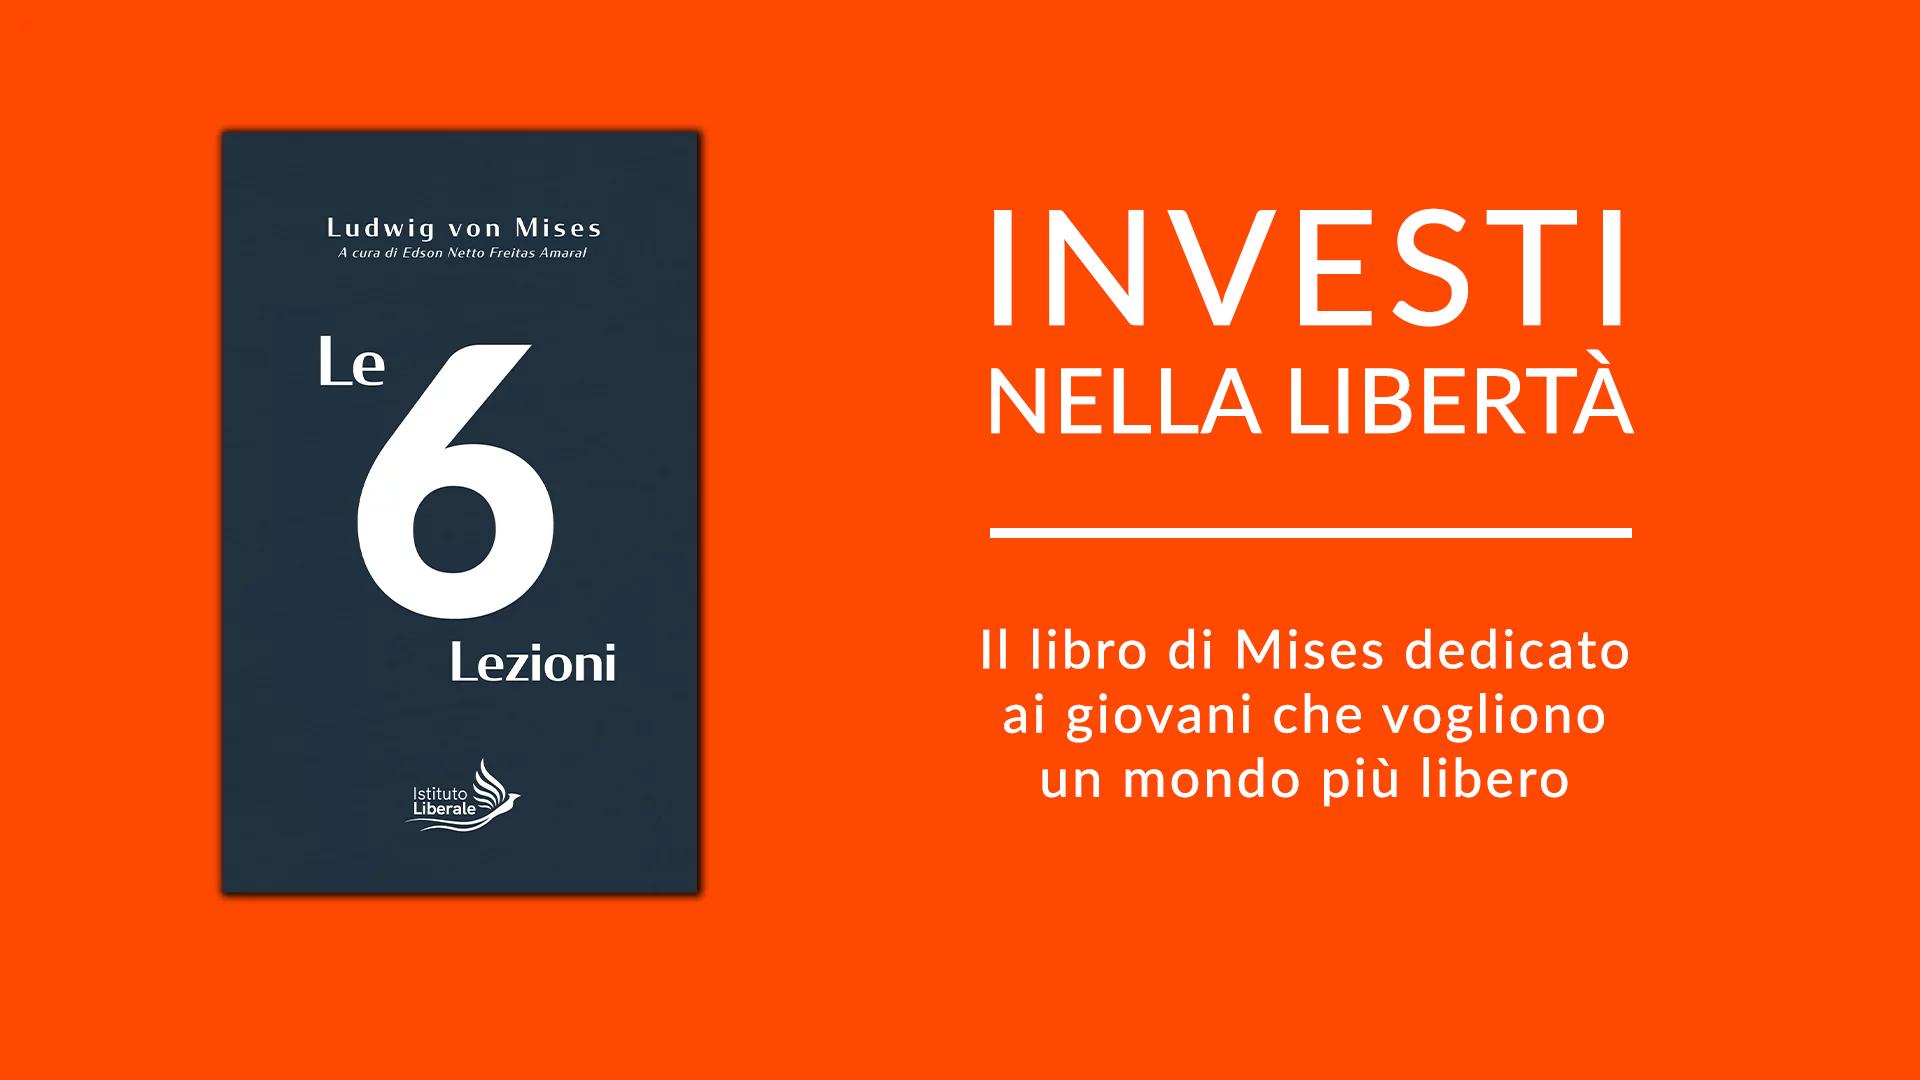 grafica e copertina del libro le 6 lezioni di von mises